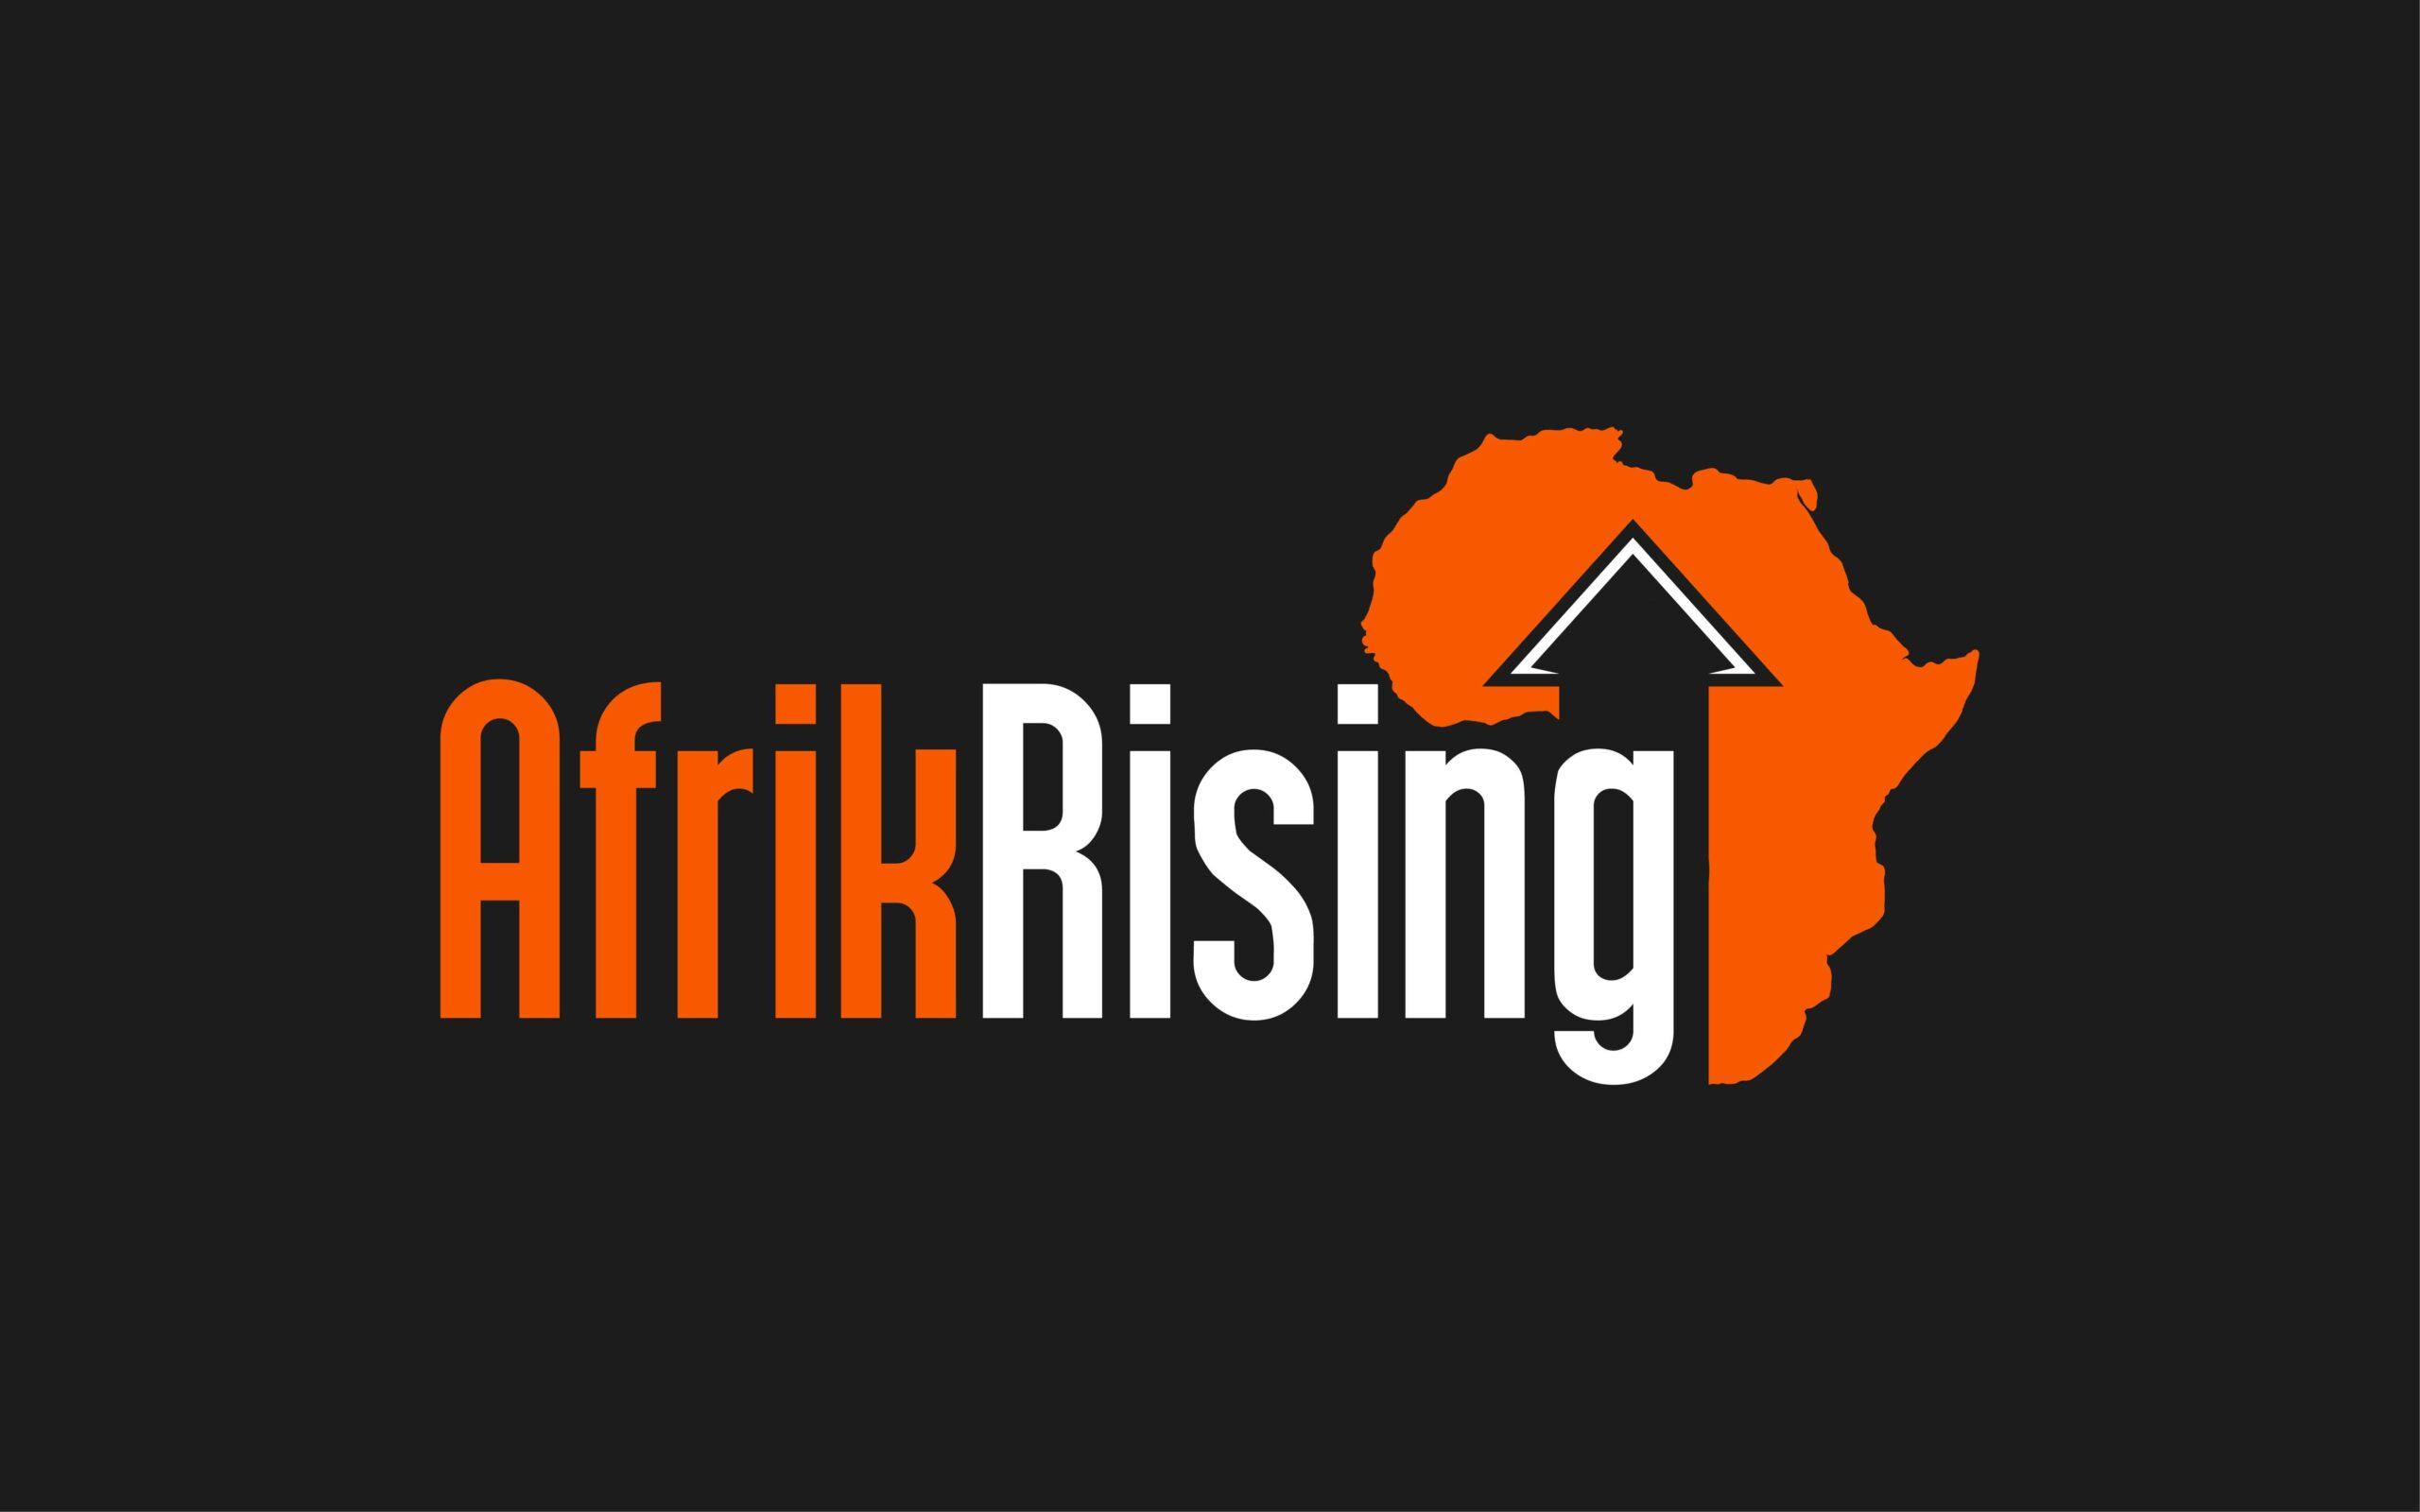 AfrikRising 2